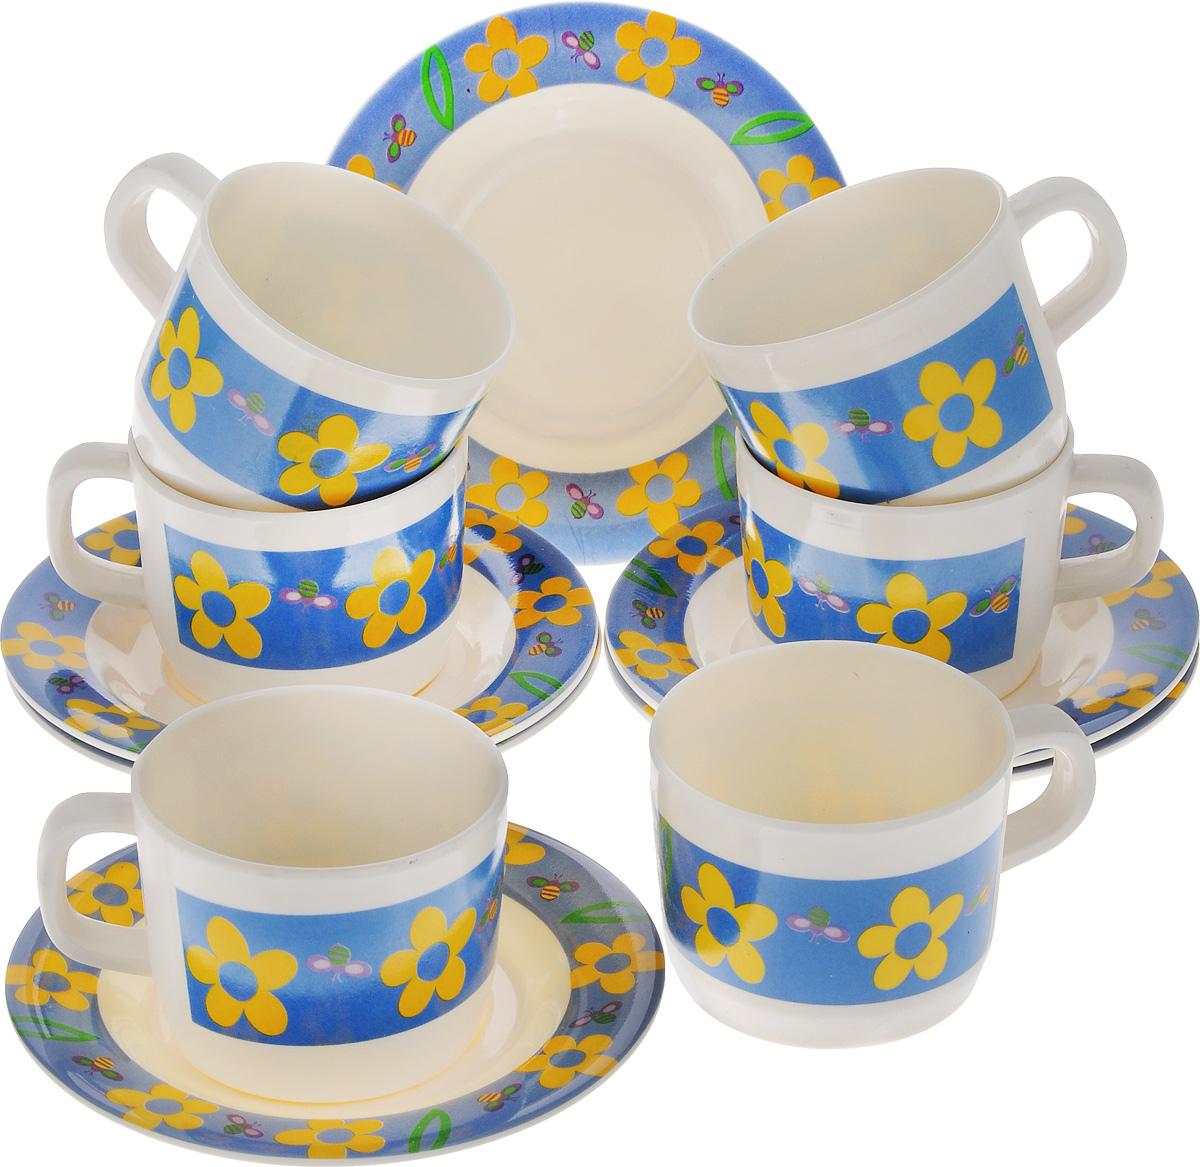 Набор чайный Calve, 12 предметовCL-2509Чайный набор Calve состоит из шести чашек и шести блюдец, выполненных из высококачественного пластика. Изделия оформлены цветочным рисунком. Изящный набор эффектно украсит стол к чаепитию и порадует вас функциональностью и ярким дизайном. Можно мыть в посудомоечной машине. Диаметр блюдца: 14,5 см. Объем чашки: 240 мл. Диаметр чашки (по верхнему краю): 8 см. Высота чашки: 6,5 см.